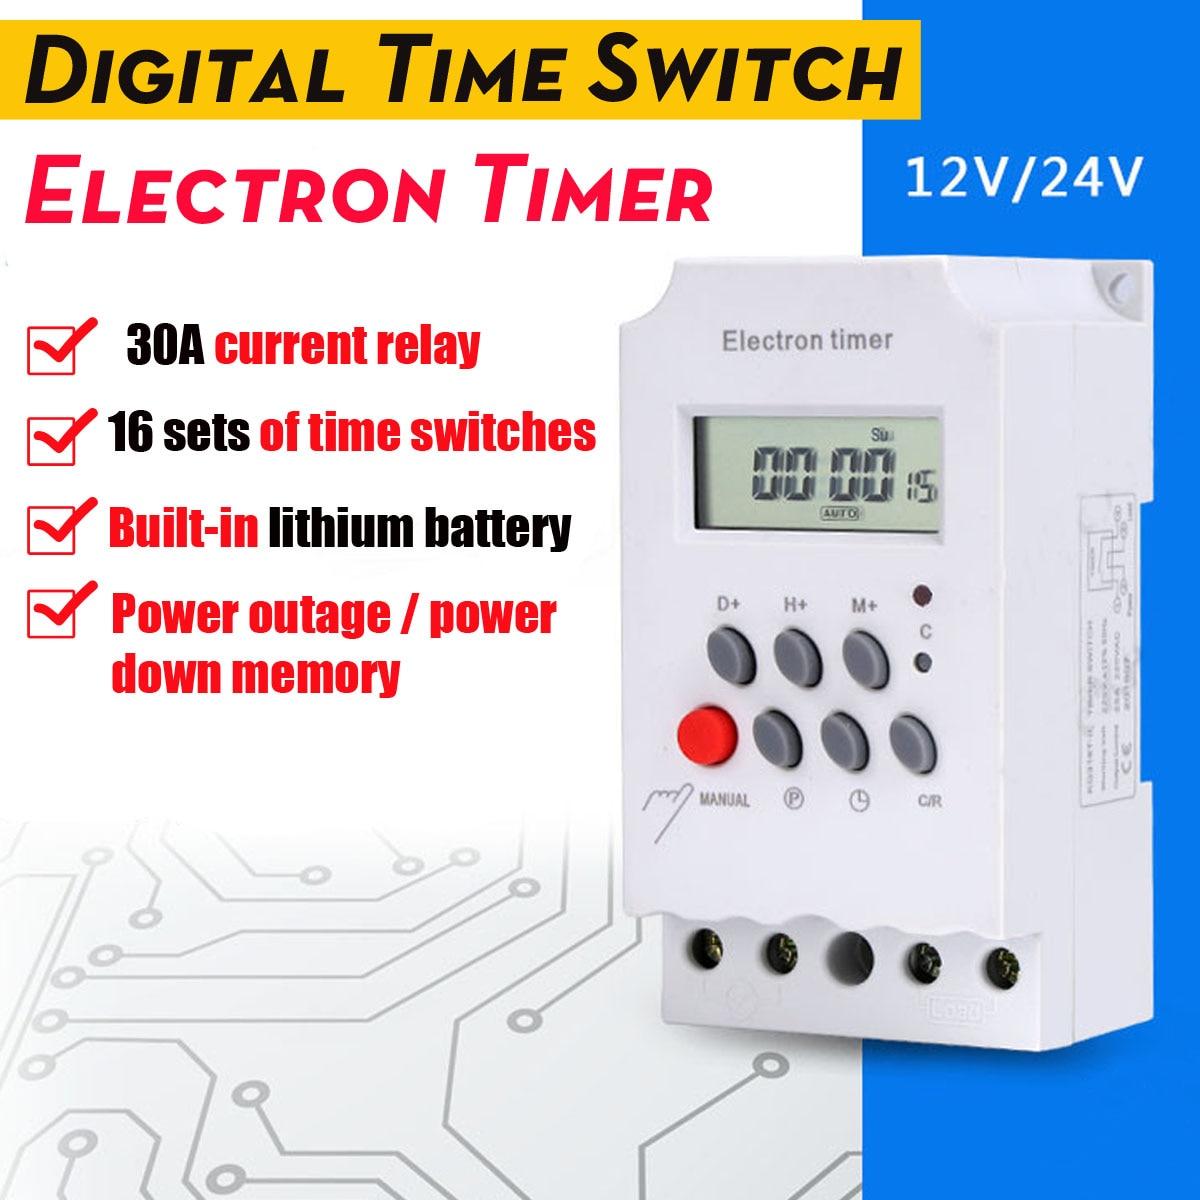 Timer Kg316t-ii Digitale Zeit Schalter Elektron Timer Mit Zyklus Timing Funktion Mikrocomputer Zeit Steuerung Schalter Englisch Version üPpiges Design Werkzeuge